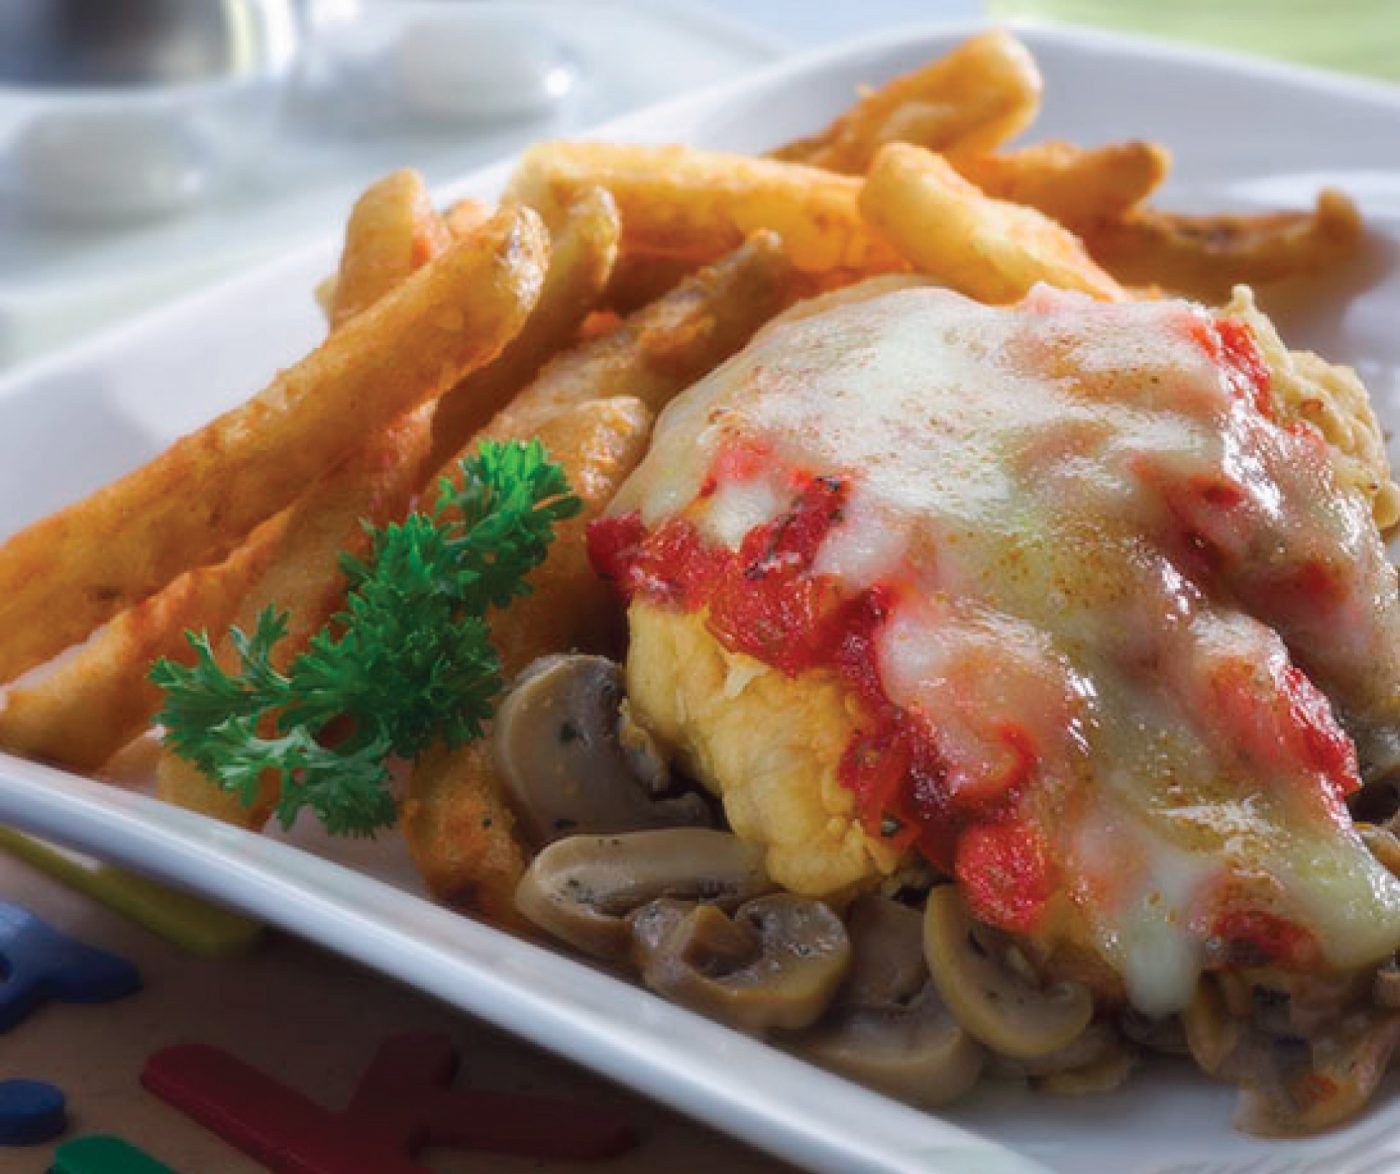 Image Chicken Pomegrande With So Good Chicken Steak